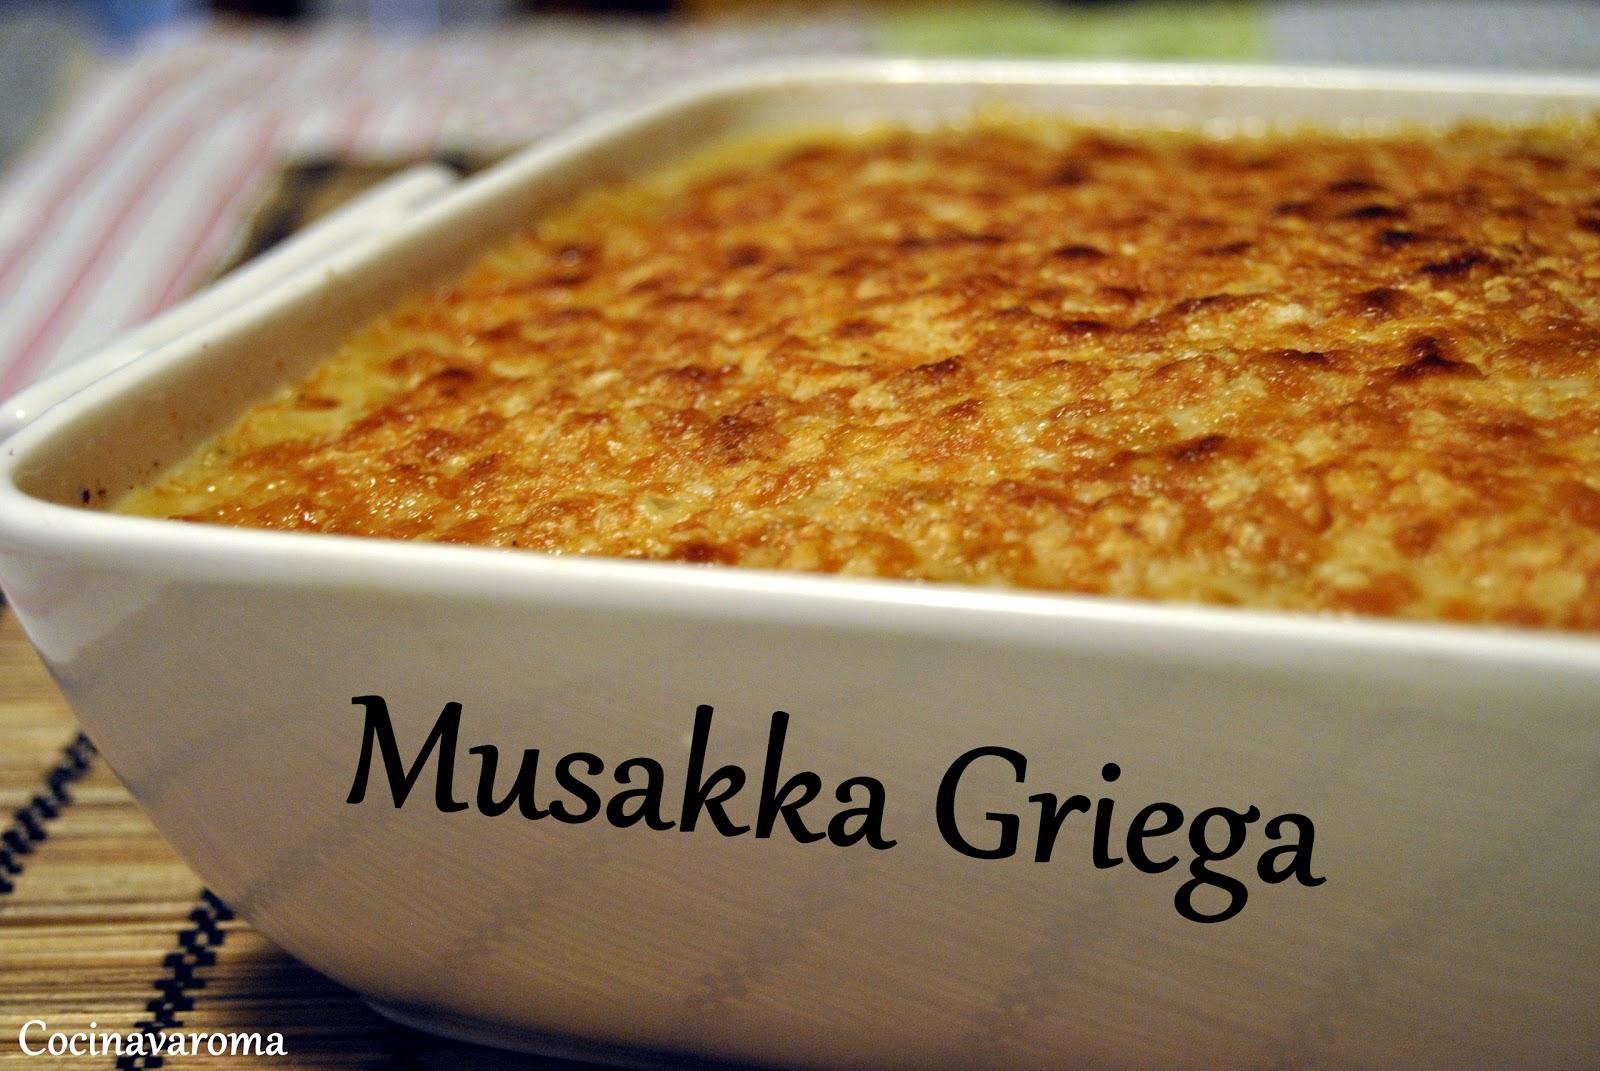 Cocina Varoma: Vuelta de vacaciones y Mussaka Griega!! Empezamos!